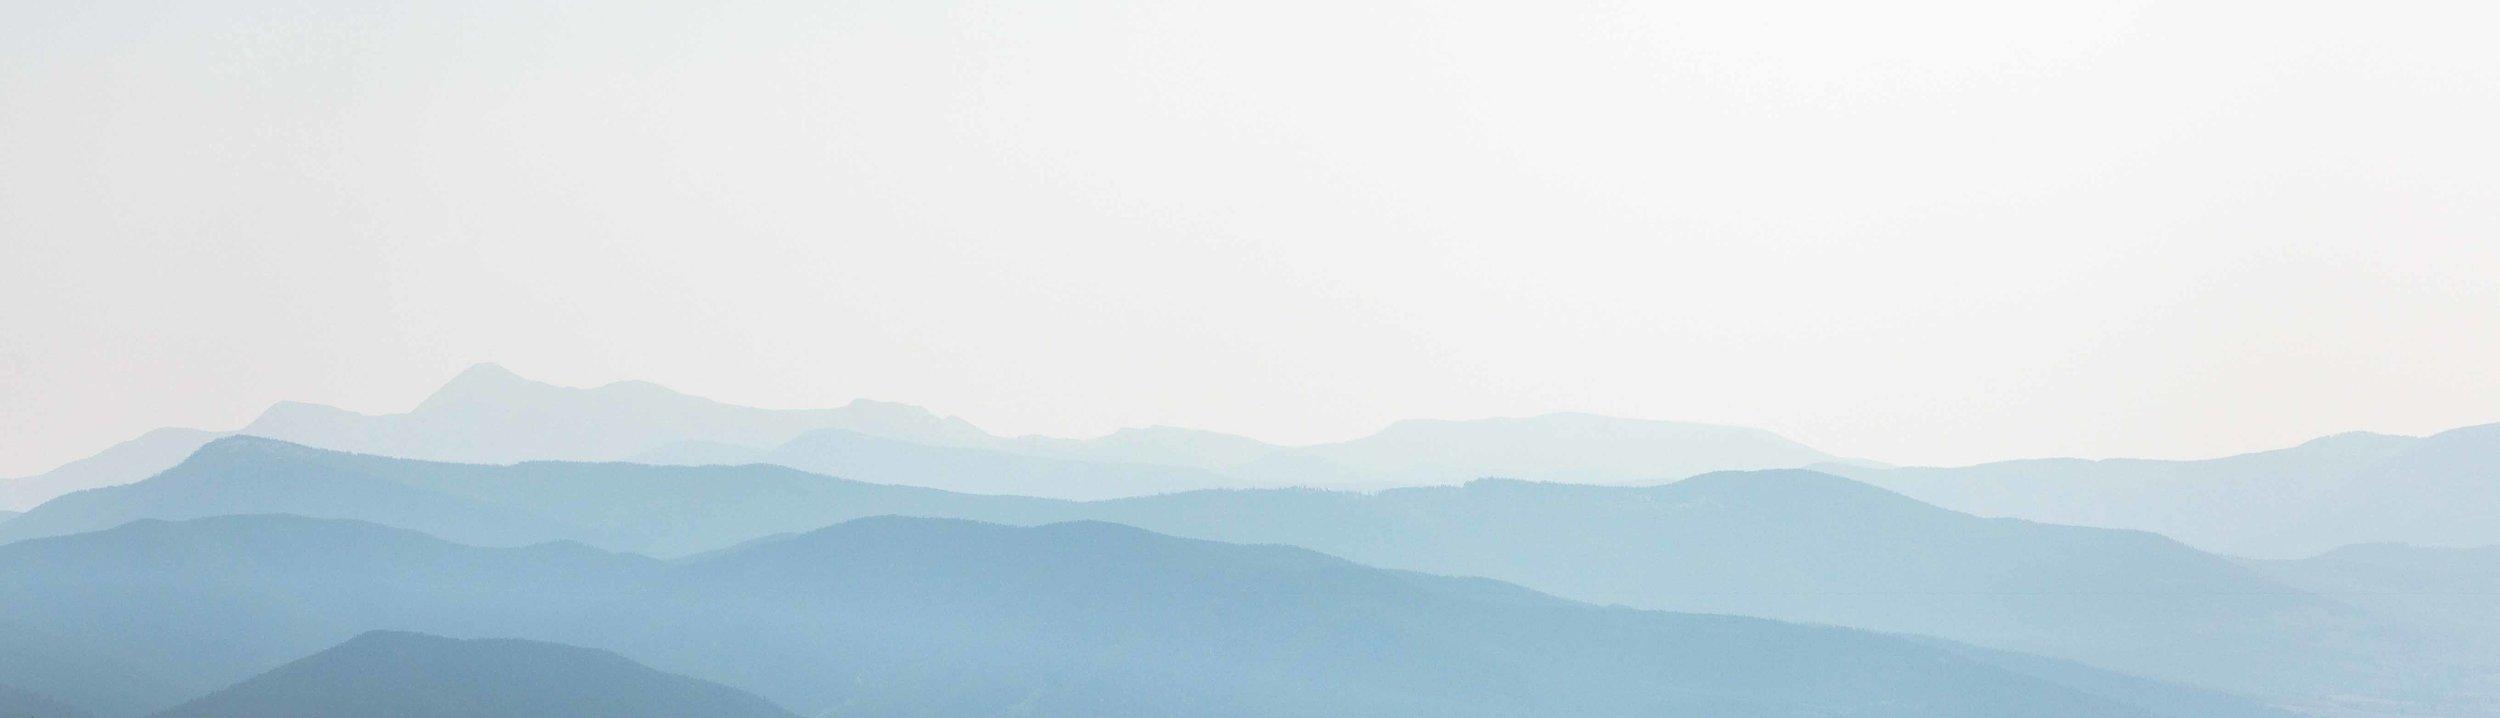 Bald Mountain, CO.jpg